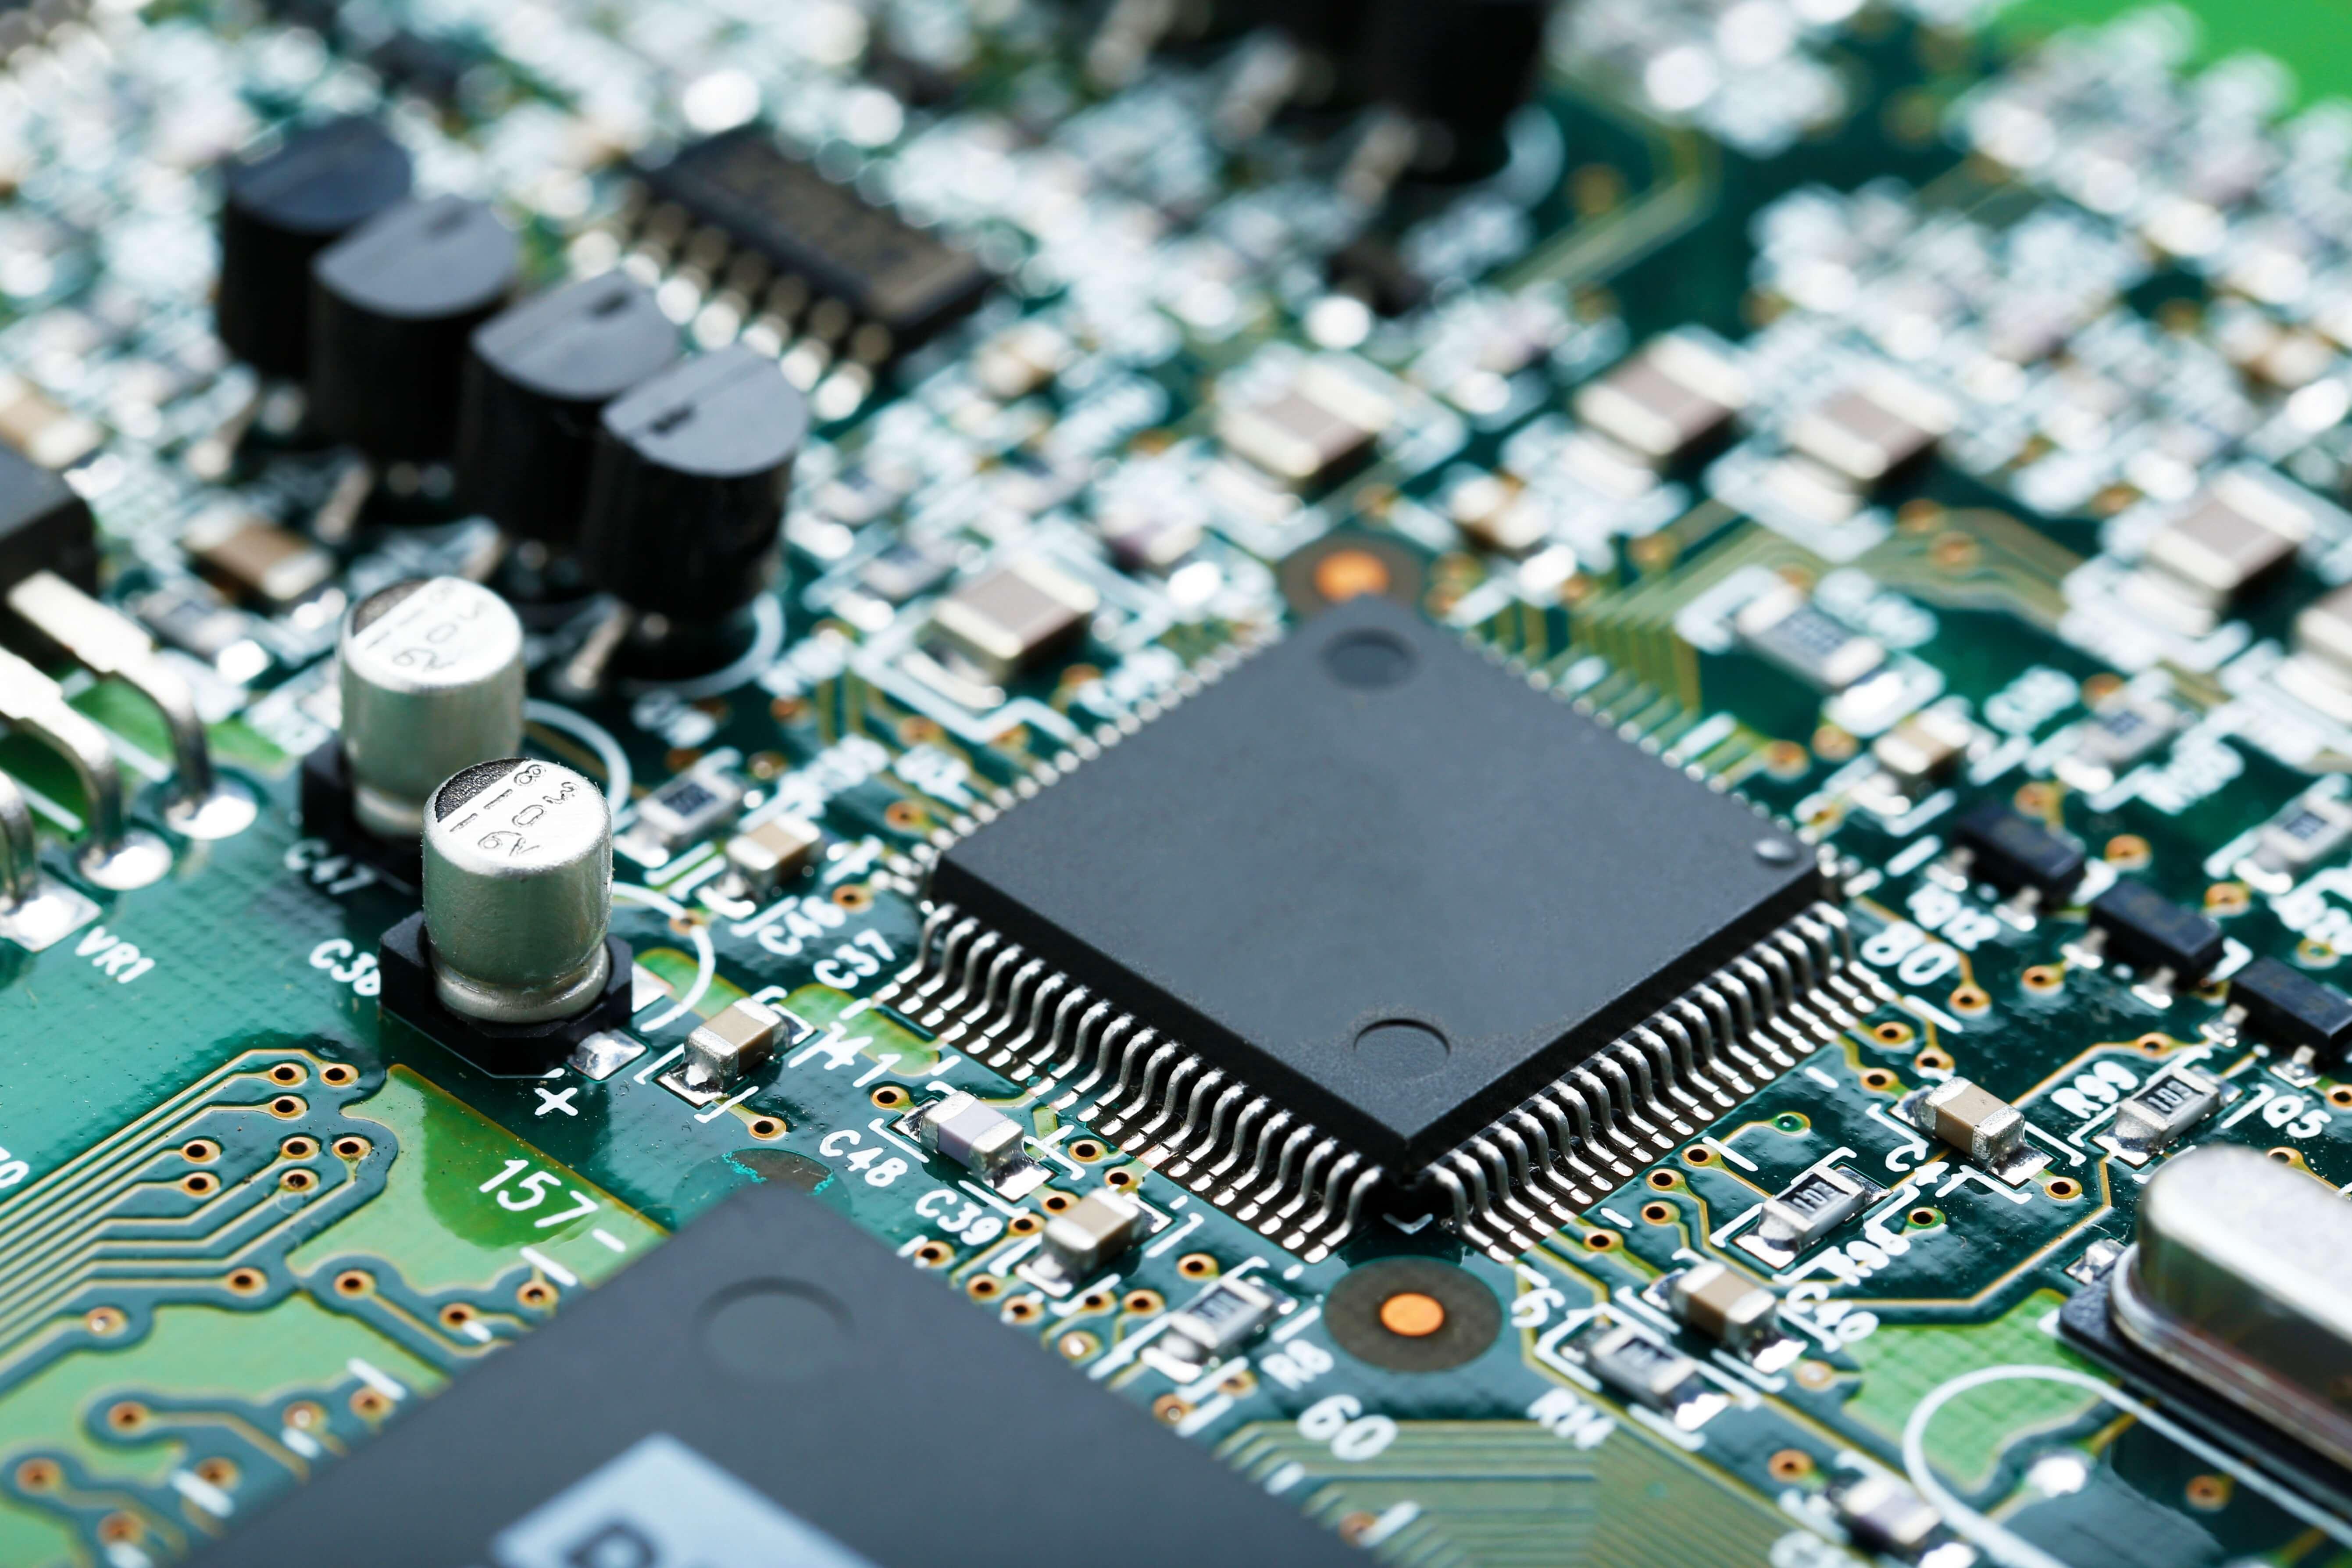 網站速度如何檢測?網站速度檢測推薦,CPU 為何影響網站速度?網站速度緩慢的原因如何追蹤?